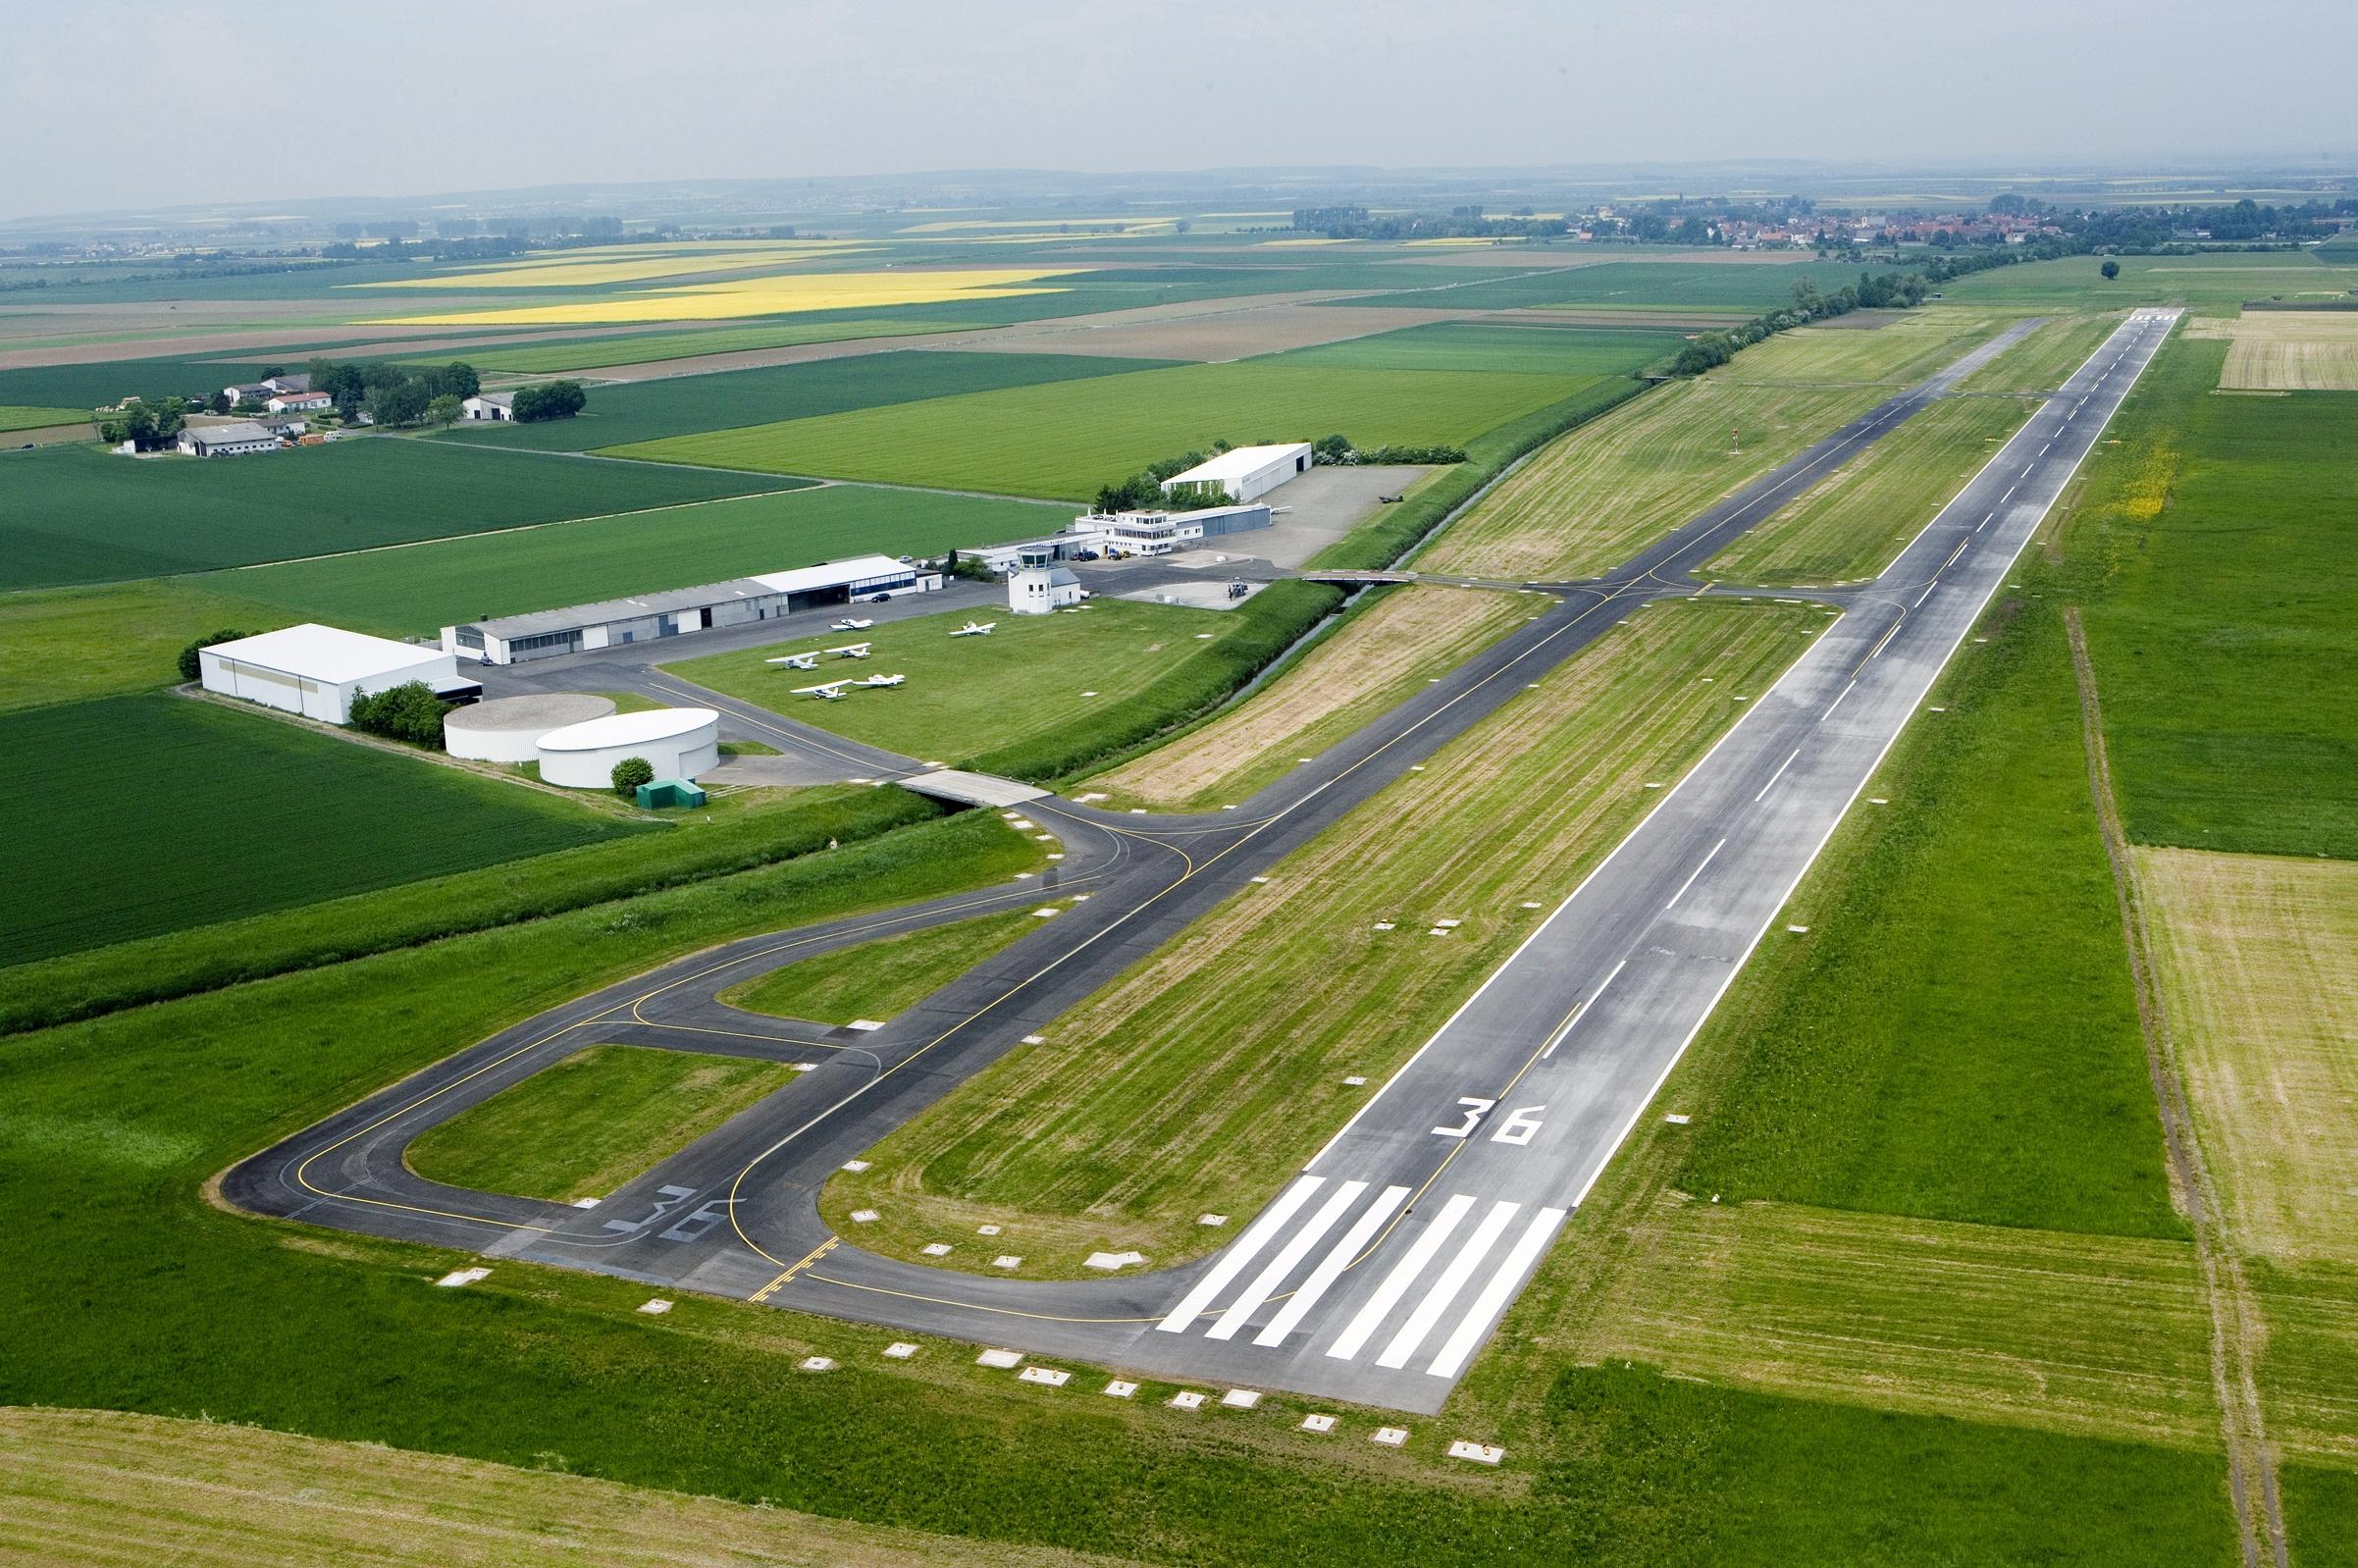 Flugplatz Reichelsheim - Wikipedia